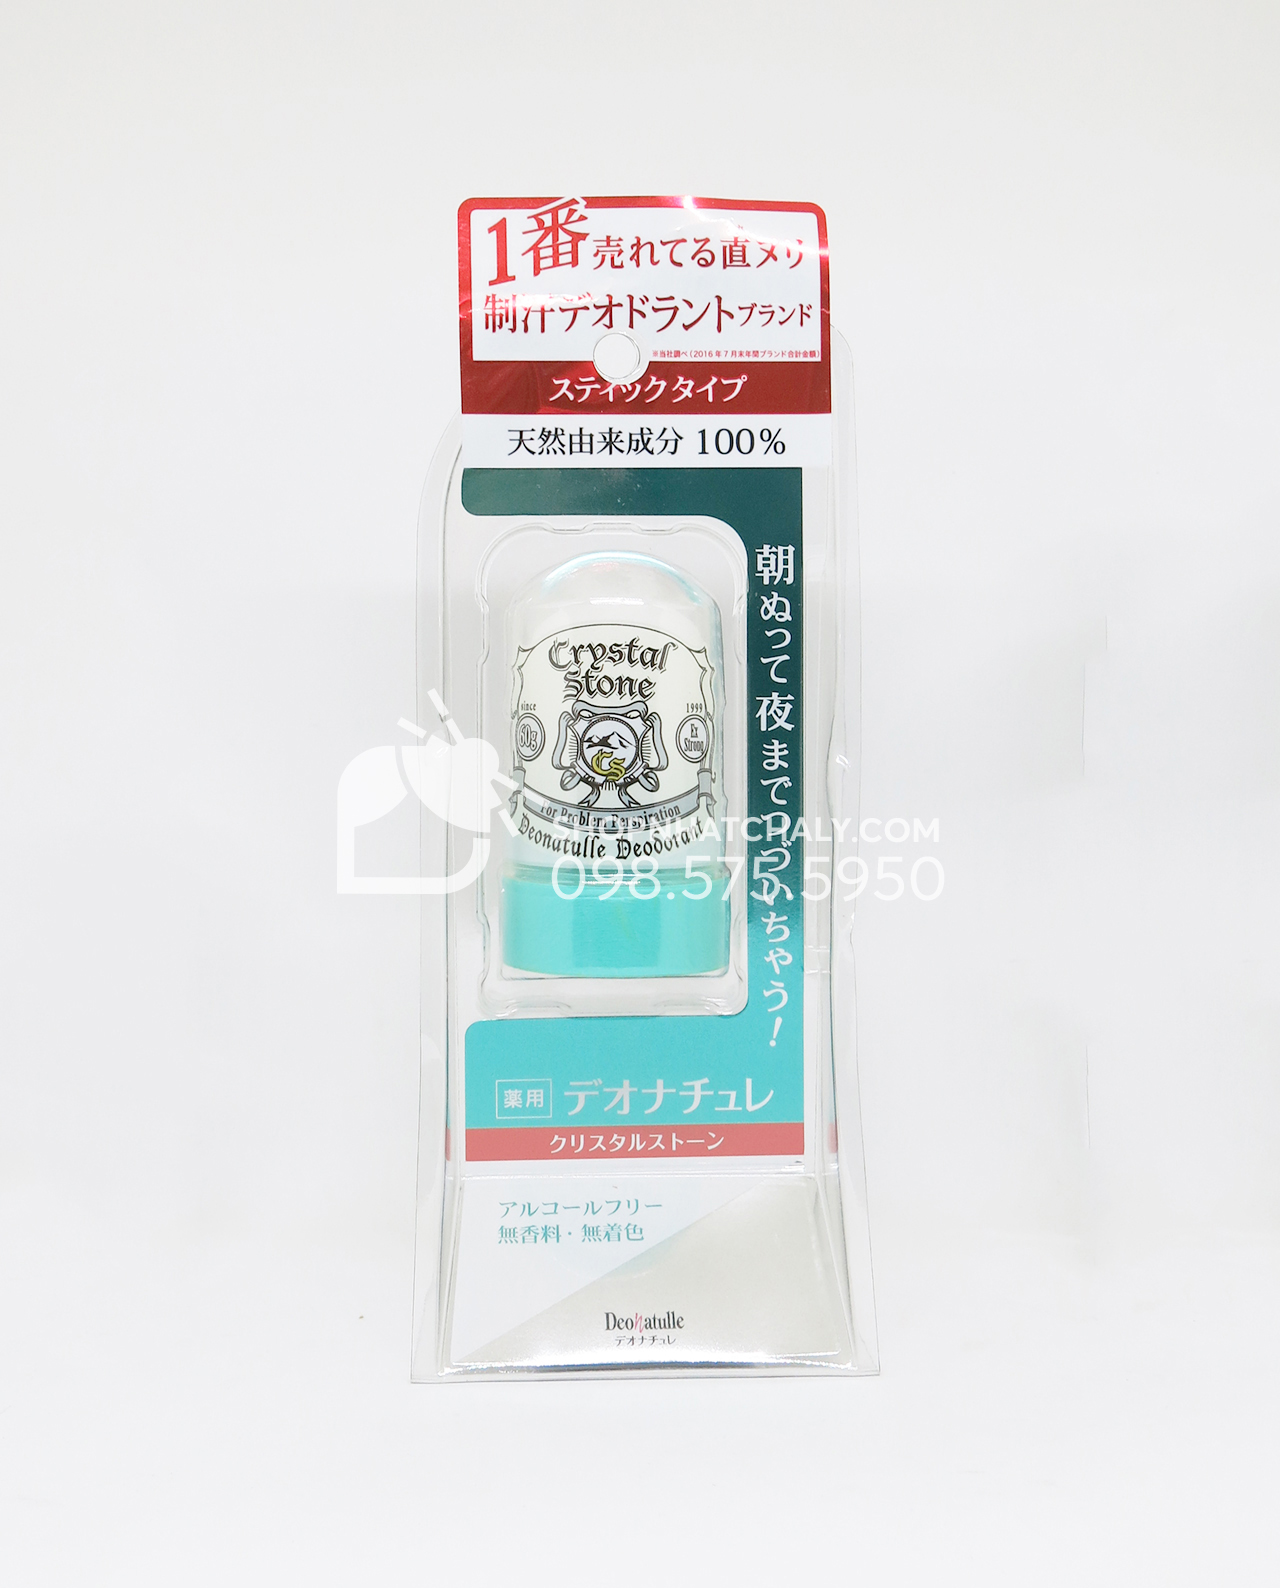 Đá khoáng khử mùi Crystal Stone Nhật Bản